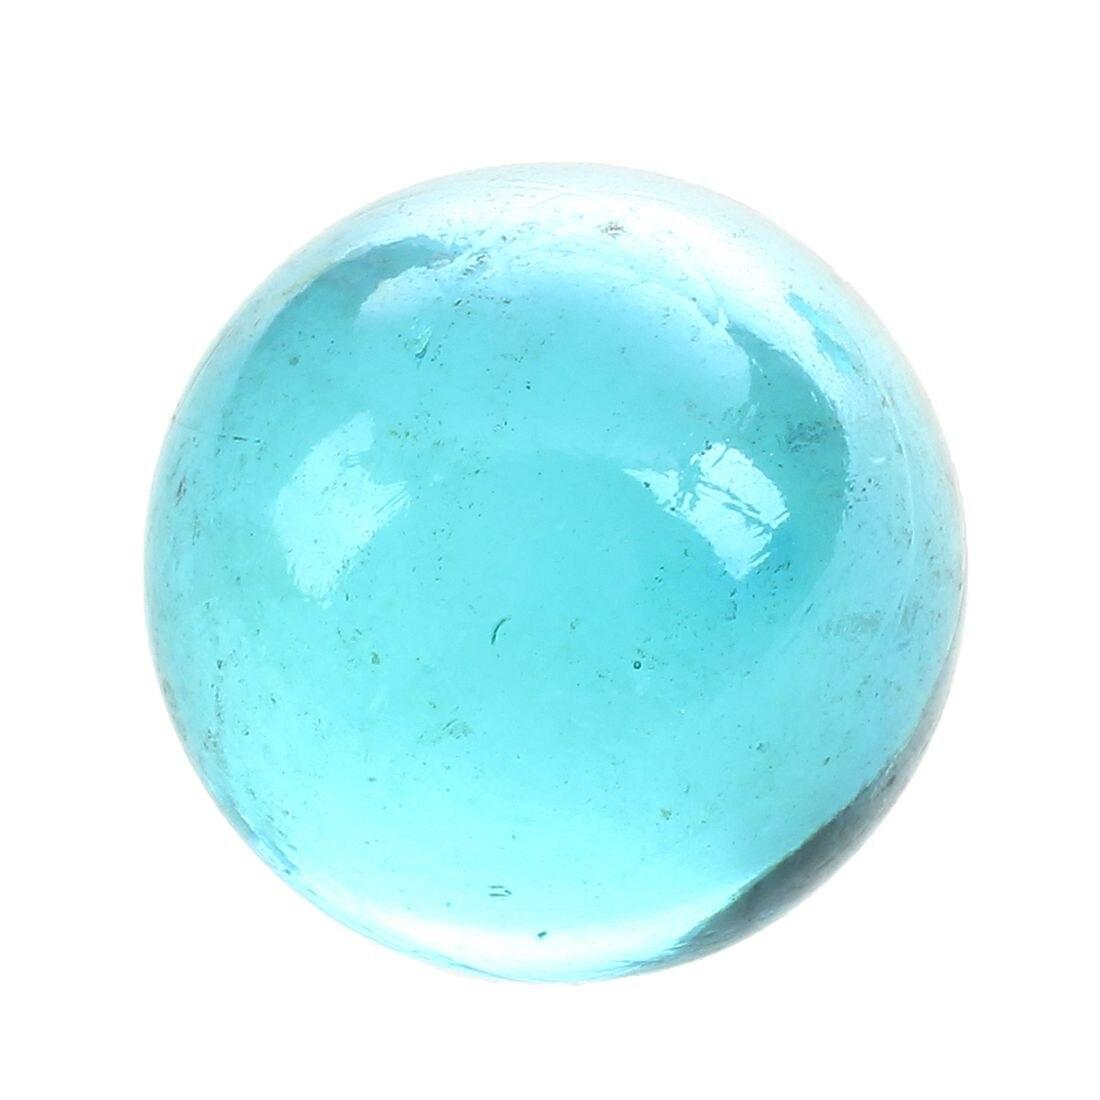 MACH 10 pièces billes 16mm verre billes Knicker boules de verre décoration couleur pépites jouet bleu clair